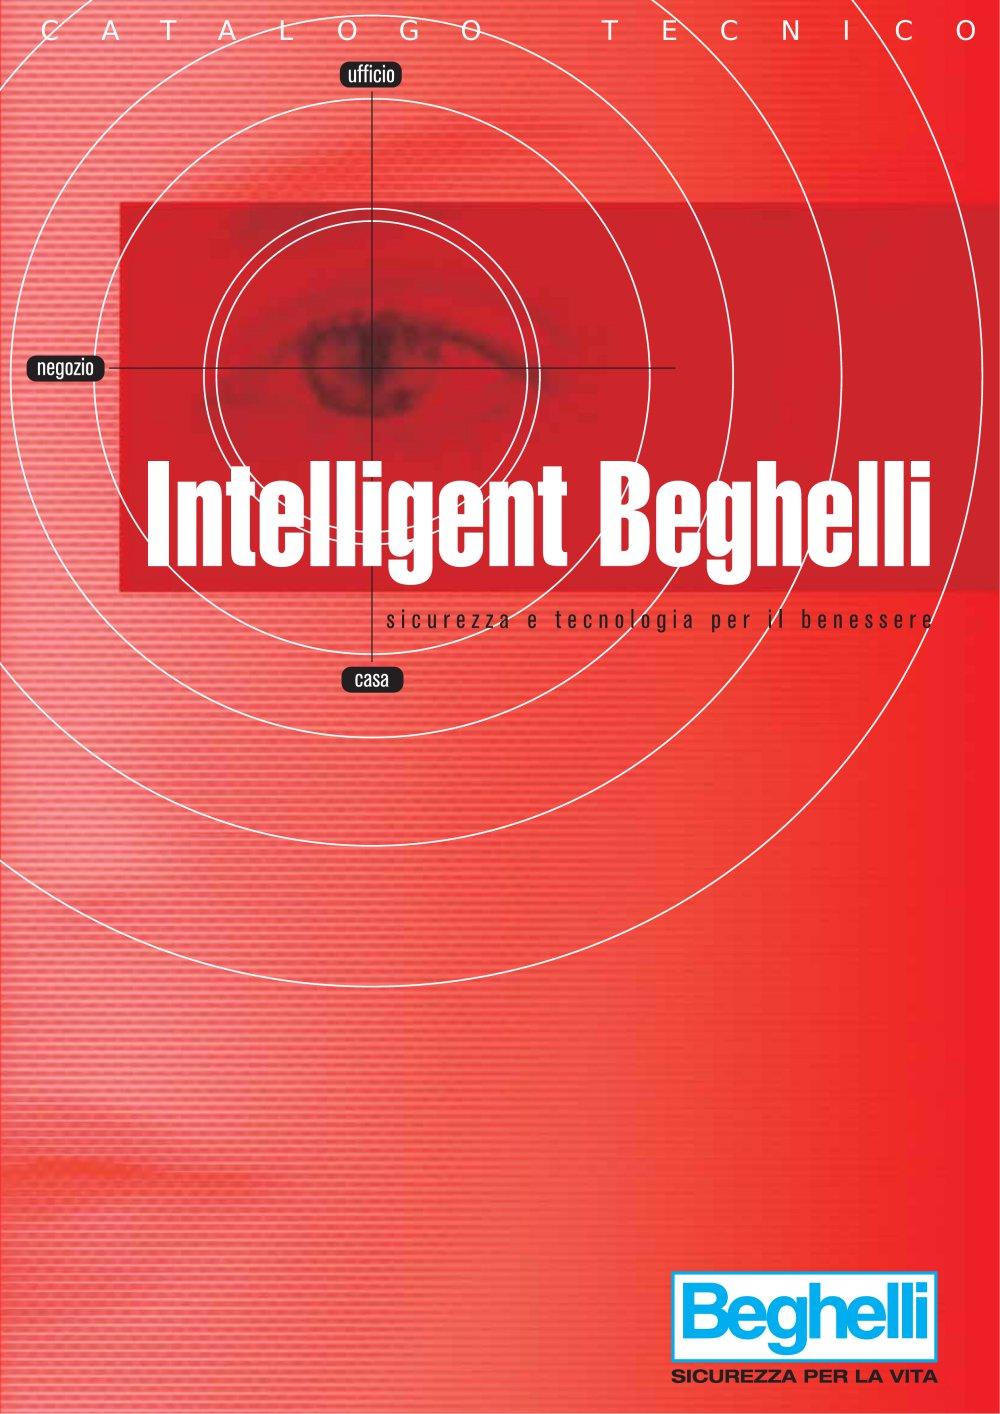 Catalogo Beghelli Lampade Di Emergenza.Catalogo Intelligent Beghelli Catalogo Pdf Documentazione